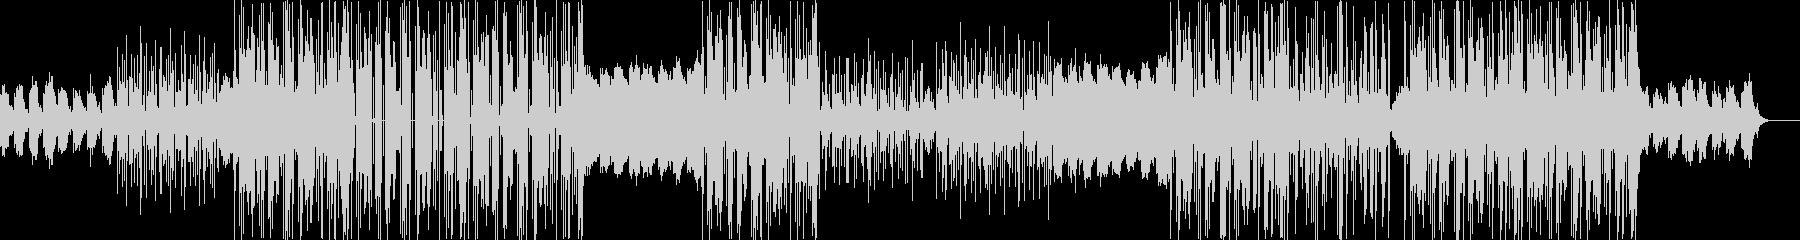 90年代R&Bと、トラップビートの融合の未再生の波形